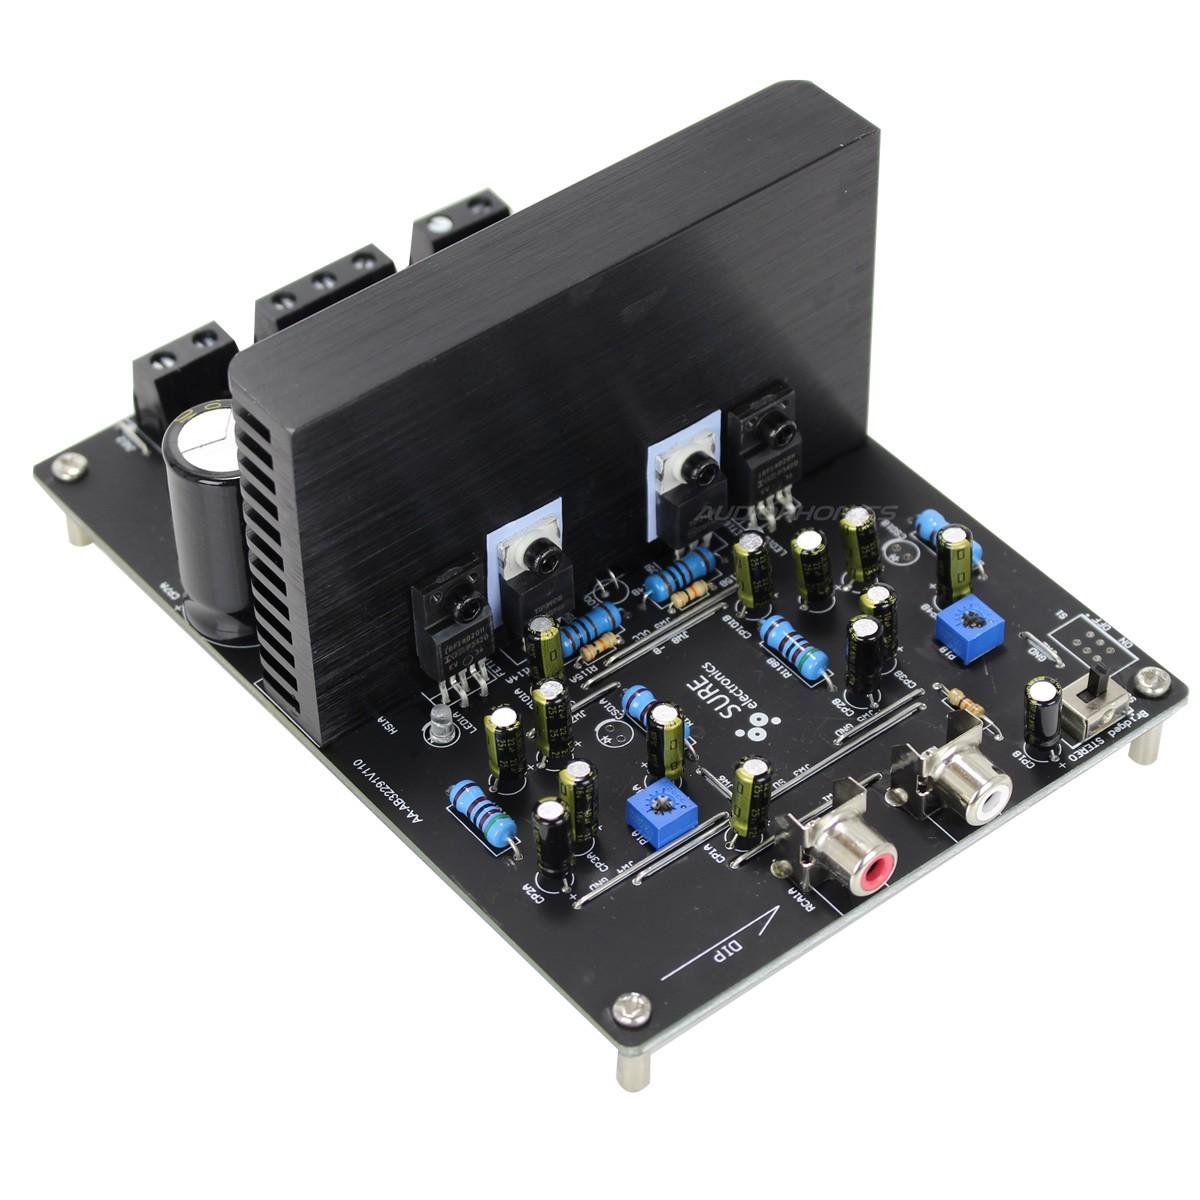 SURE AA-AB32291 IR S2092 Module Stereo Amplifier Class D 2x250W 8Ohms